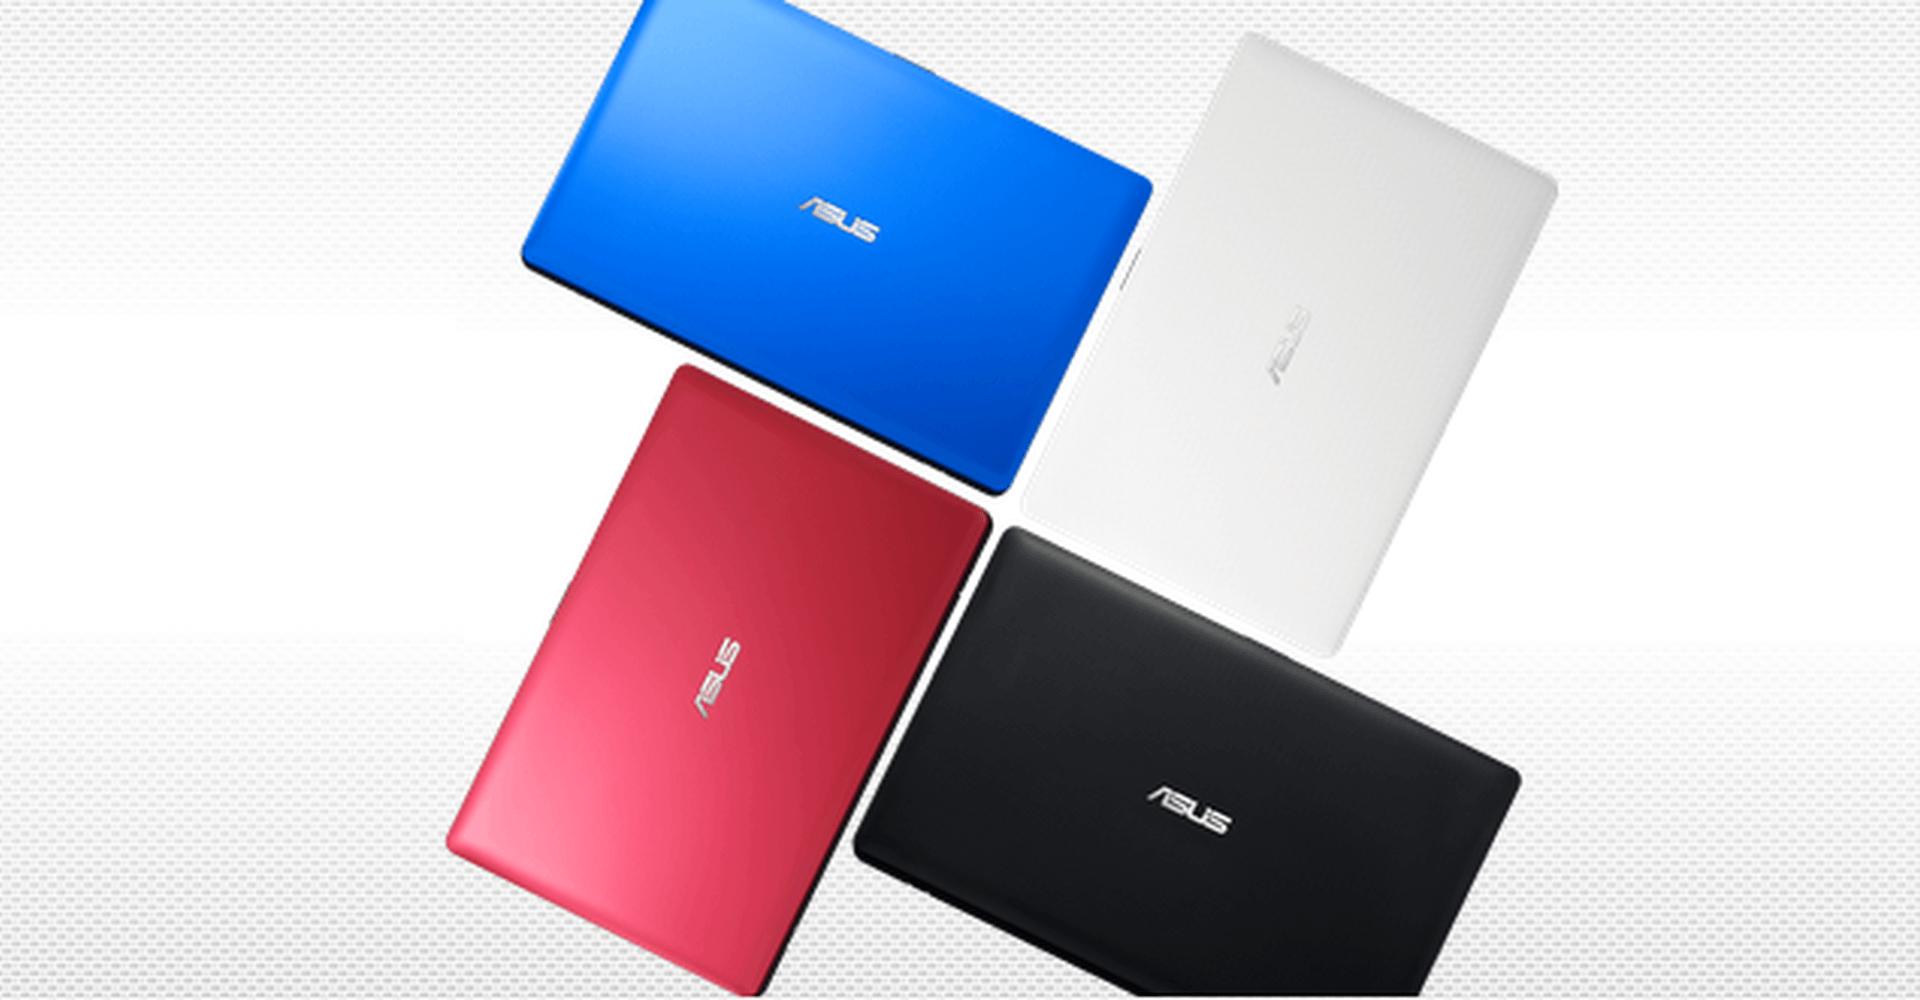 Kumpulan Harga Laptop Asus Terbaru Murah Juni 2016 Gadgetren